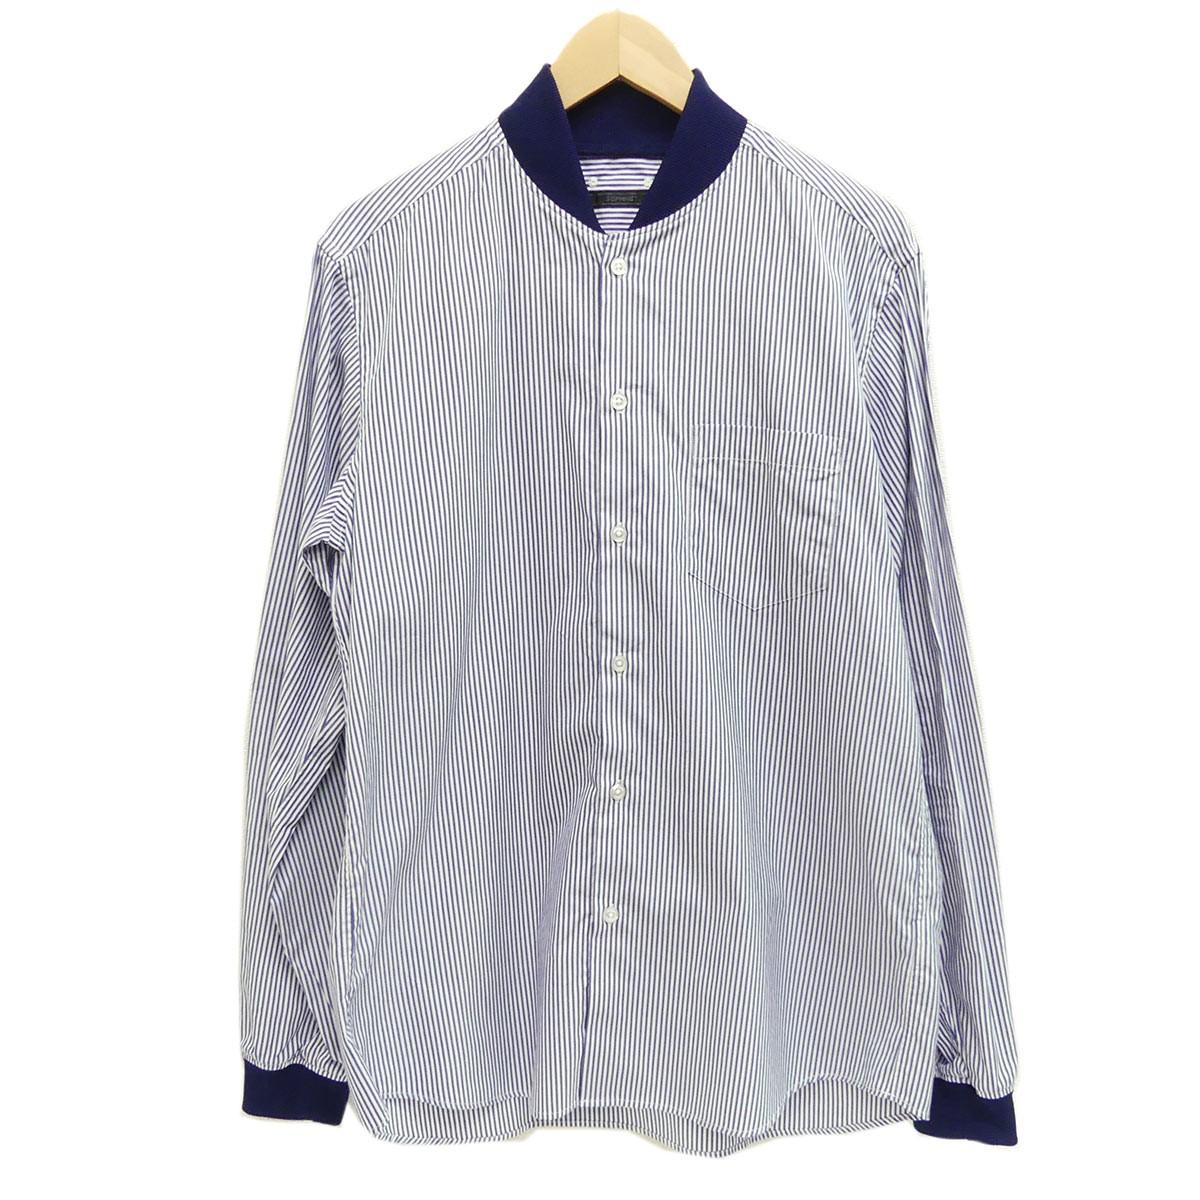 【中古】SOPHNET.2019SS シャツジャケット STUDIUM SHIRT ブルー×ホワイト サイズ:L 【5月14日見直し】